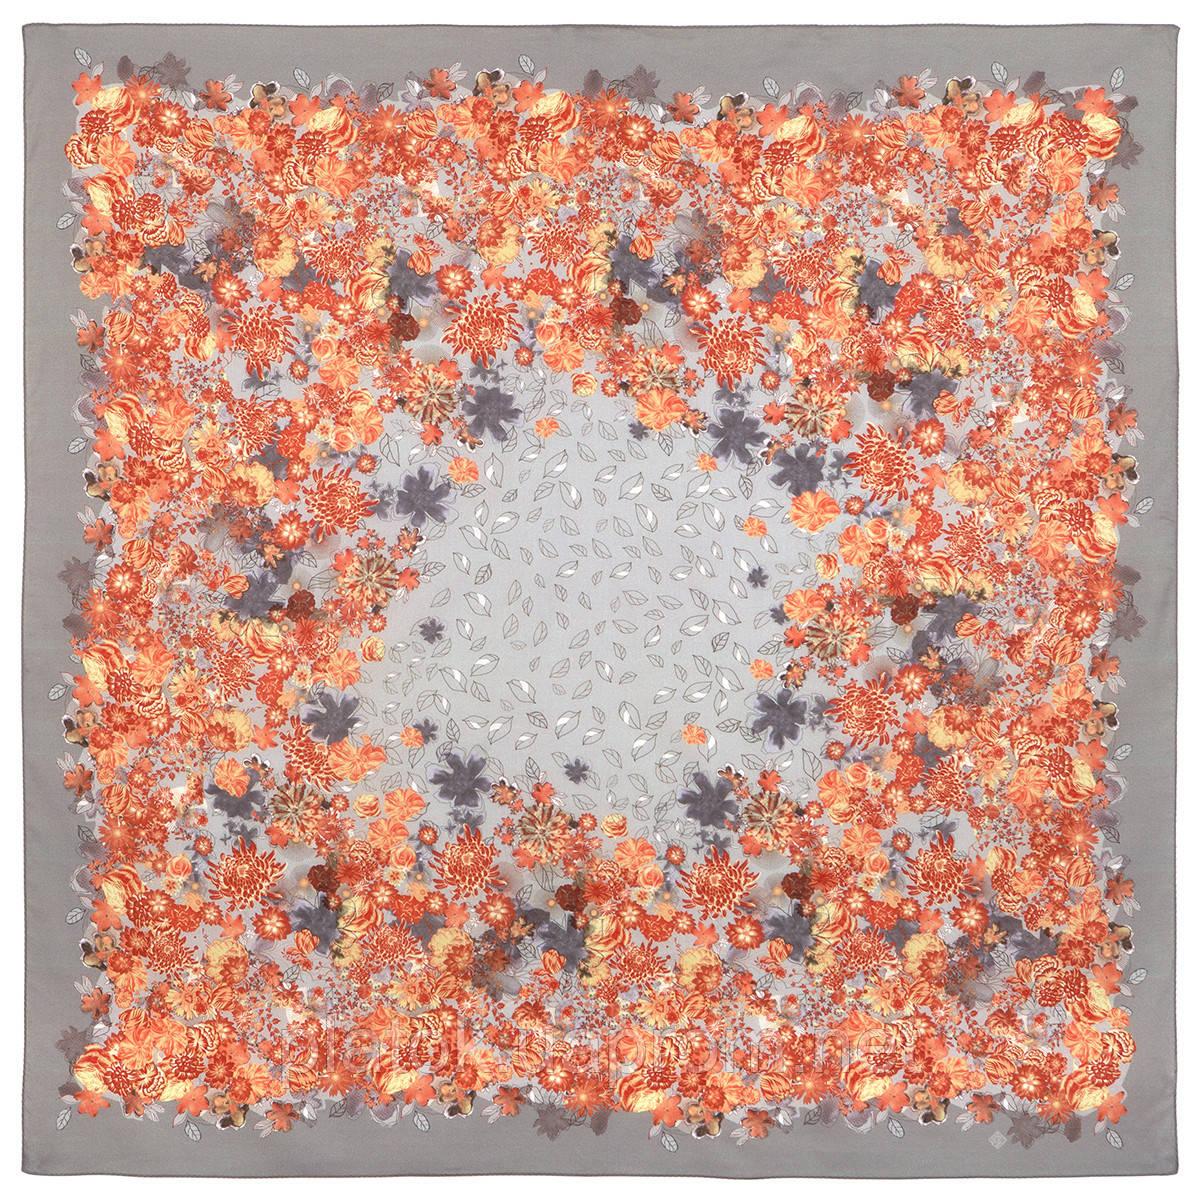 10600-2, павлопосадский платок хлопковый (батистовый) с швом зиг-заг